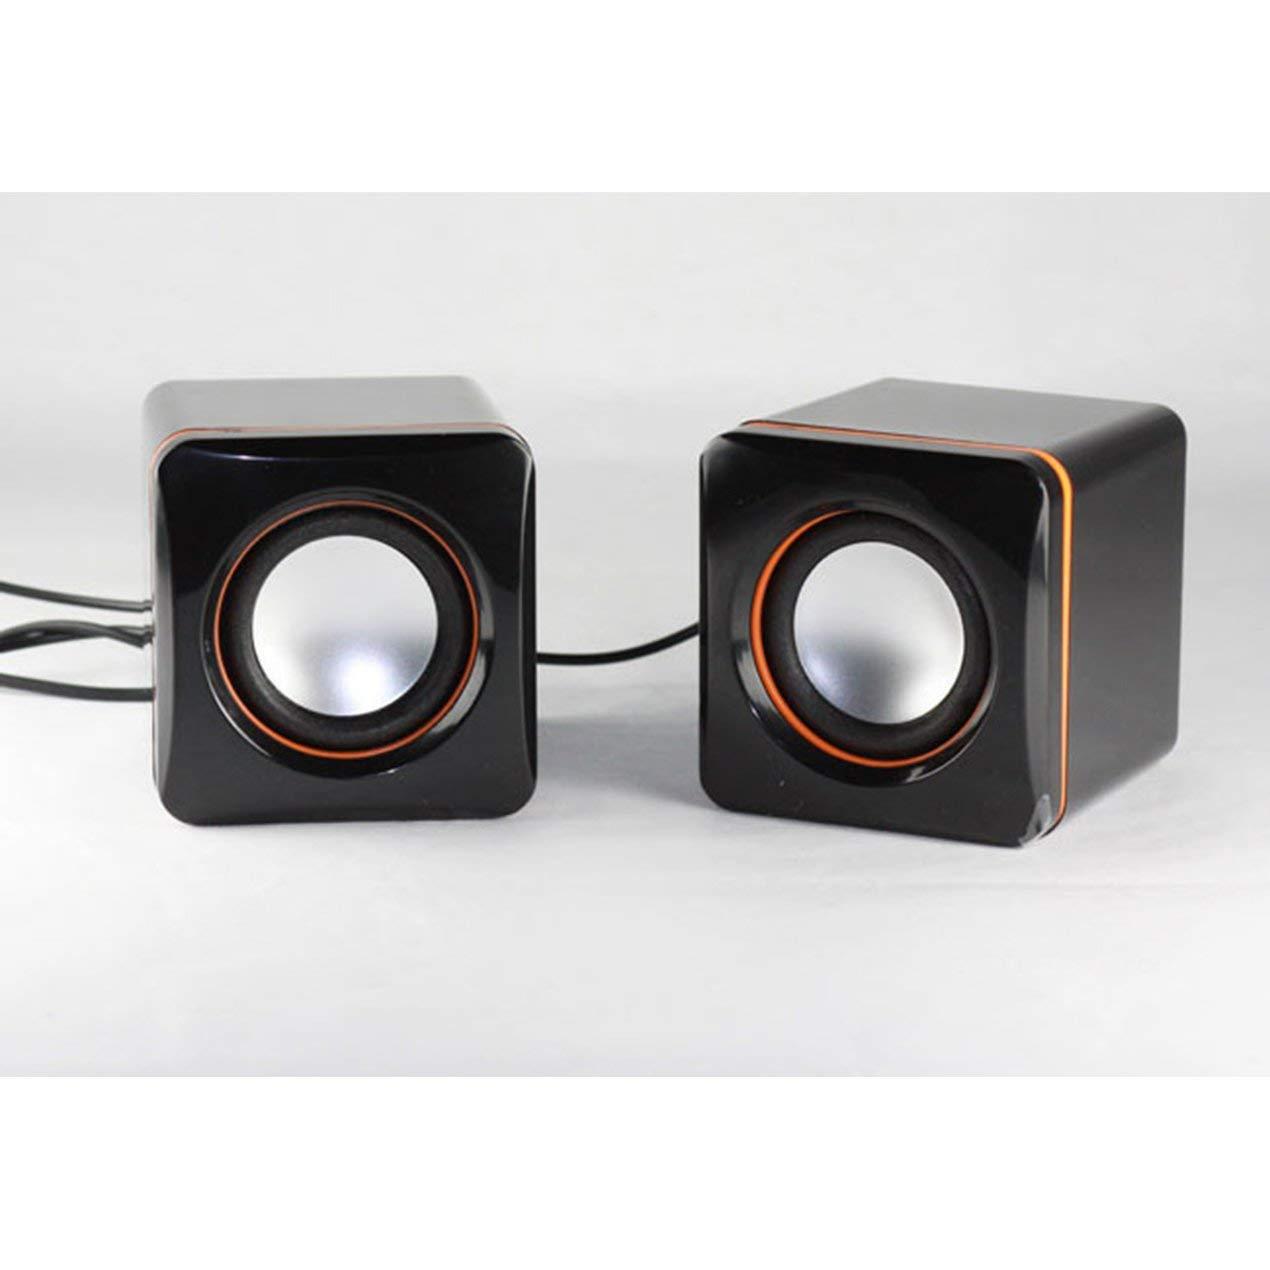 101C USB Caja de Altavoces para computadora portátil Sonido pequeño Sonido portátil: Amazon.es: Electrónica